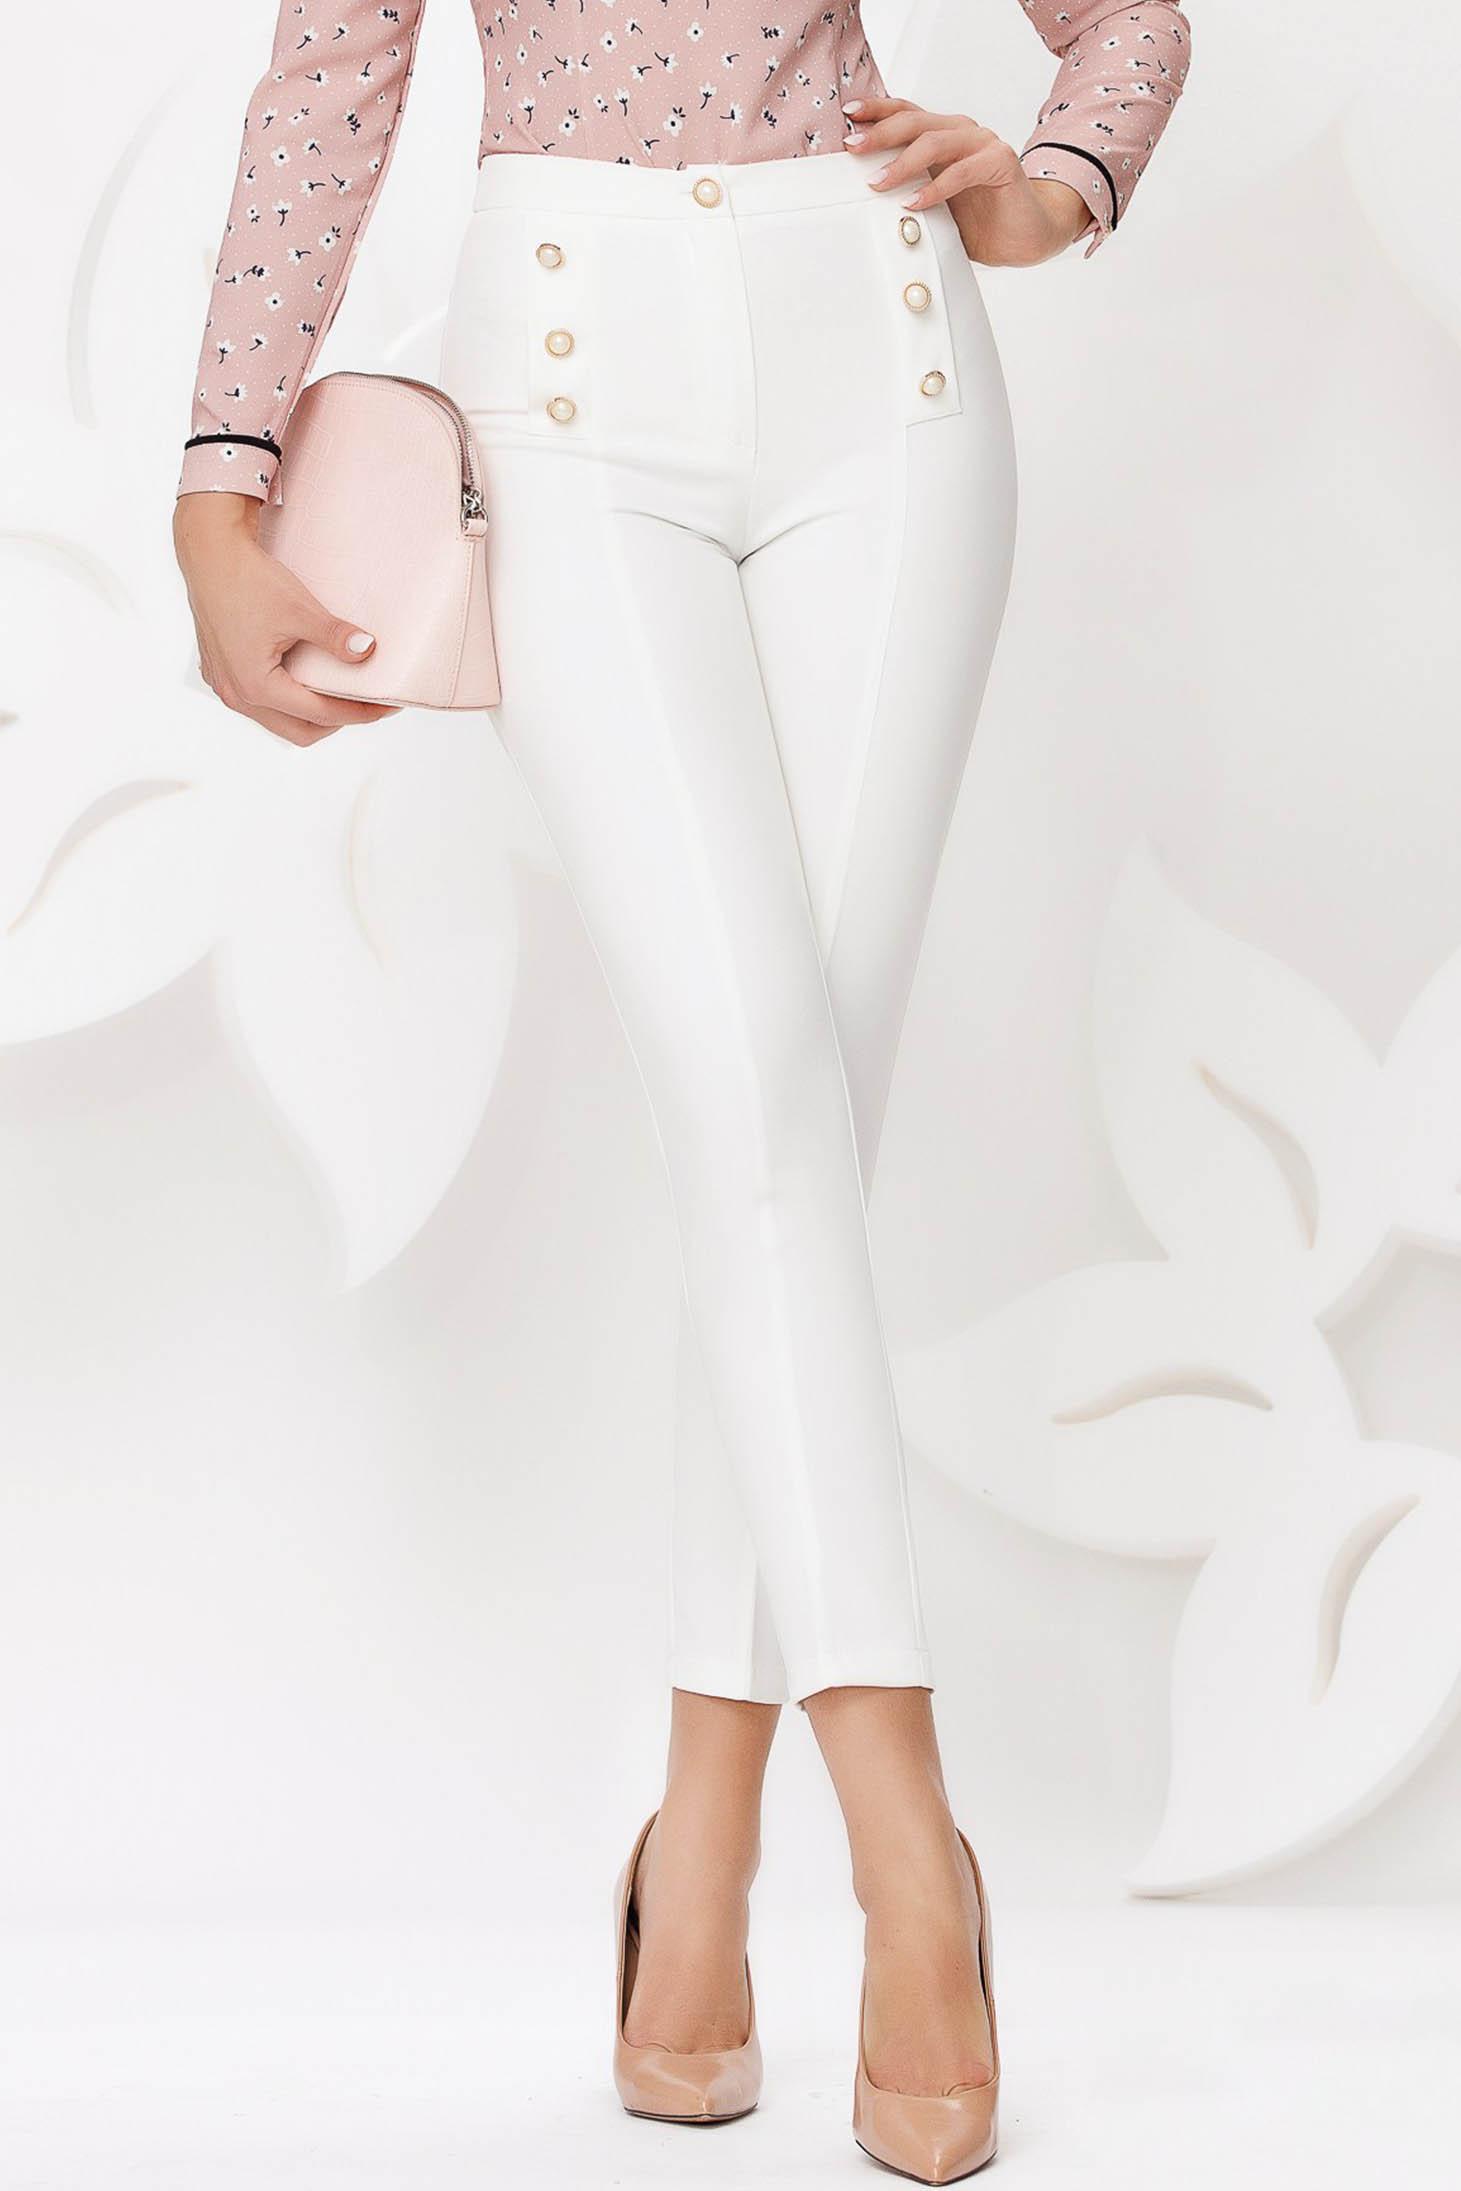 Pantaloni Fofy albi office conici cu talie inalta din stofa usor elastica accesorizati cu nasturi